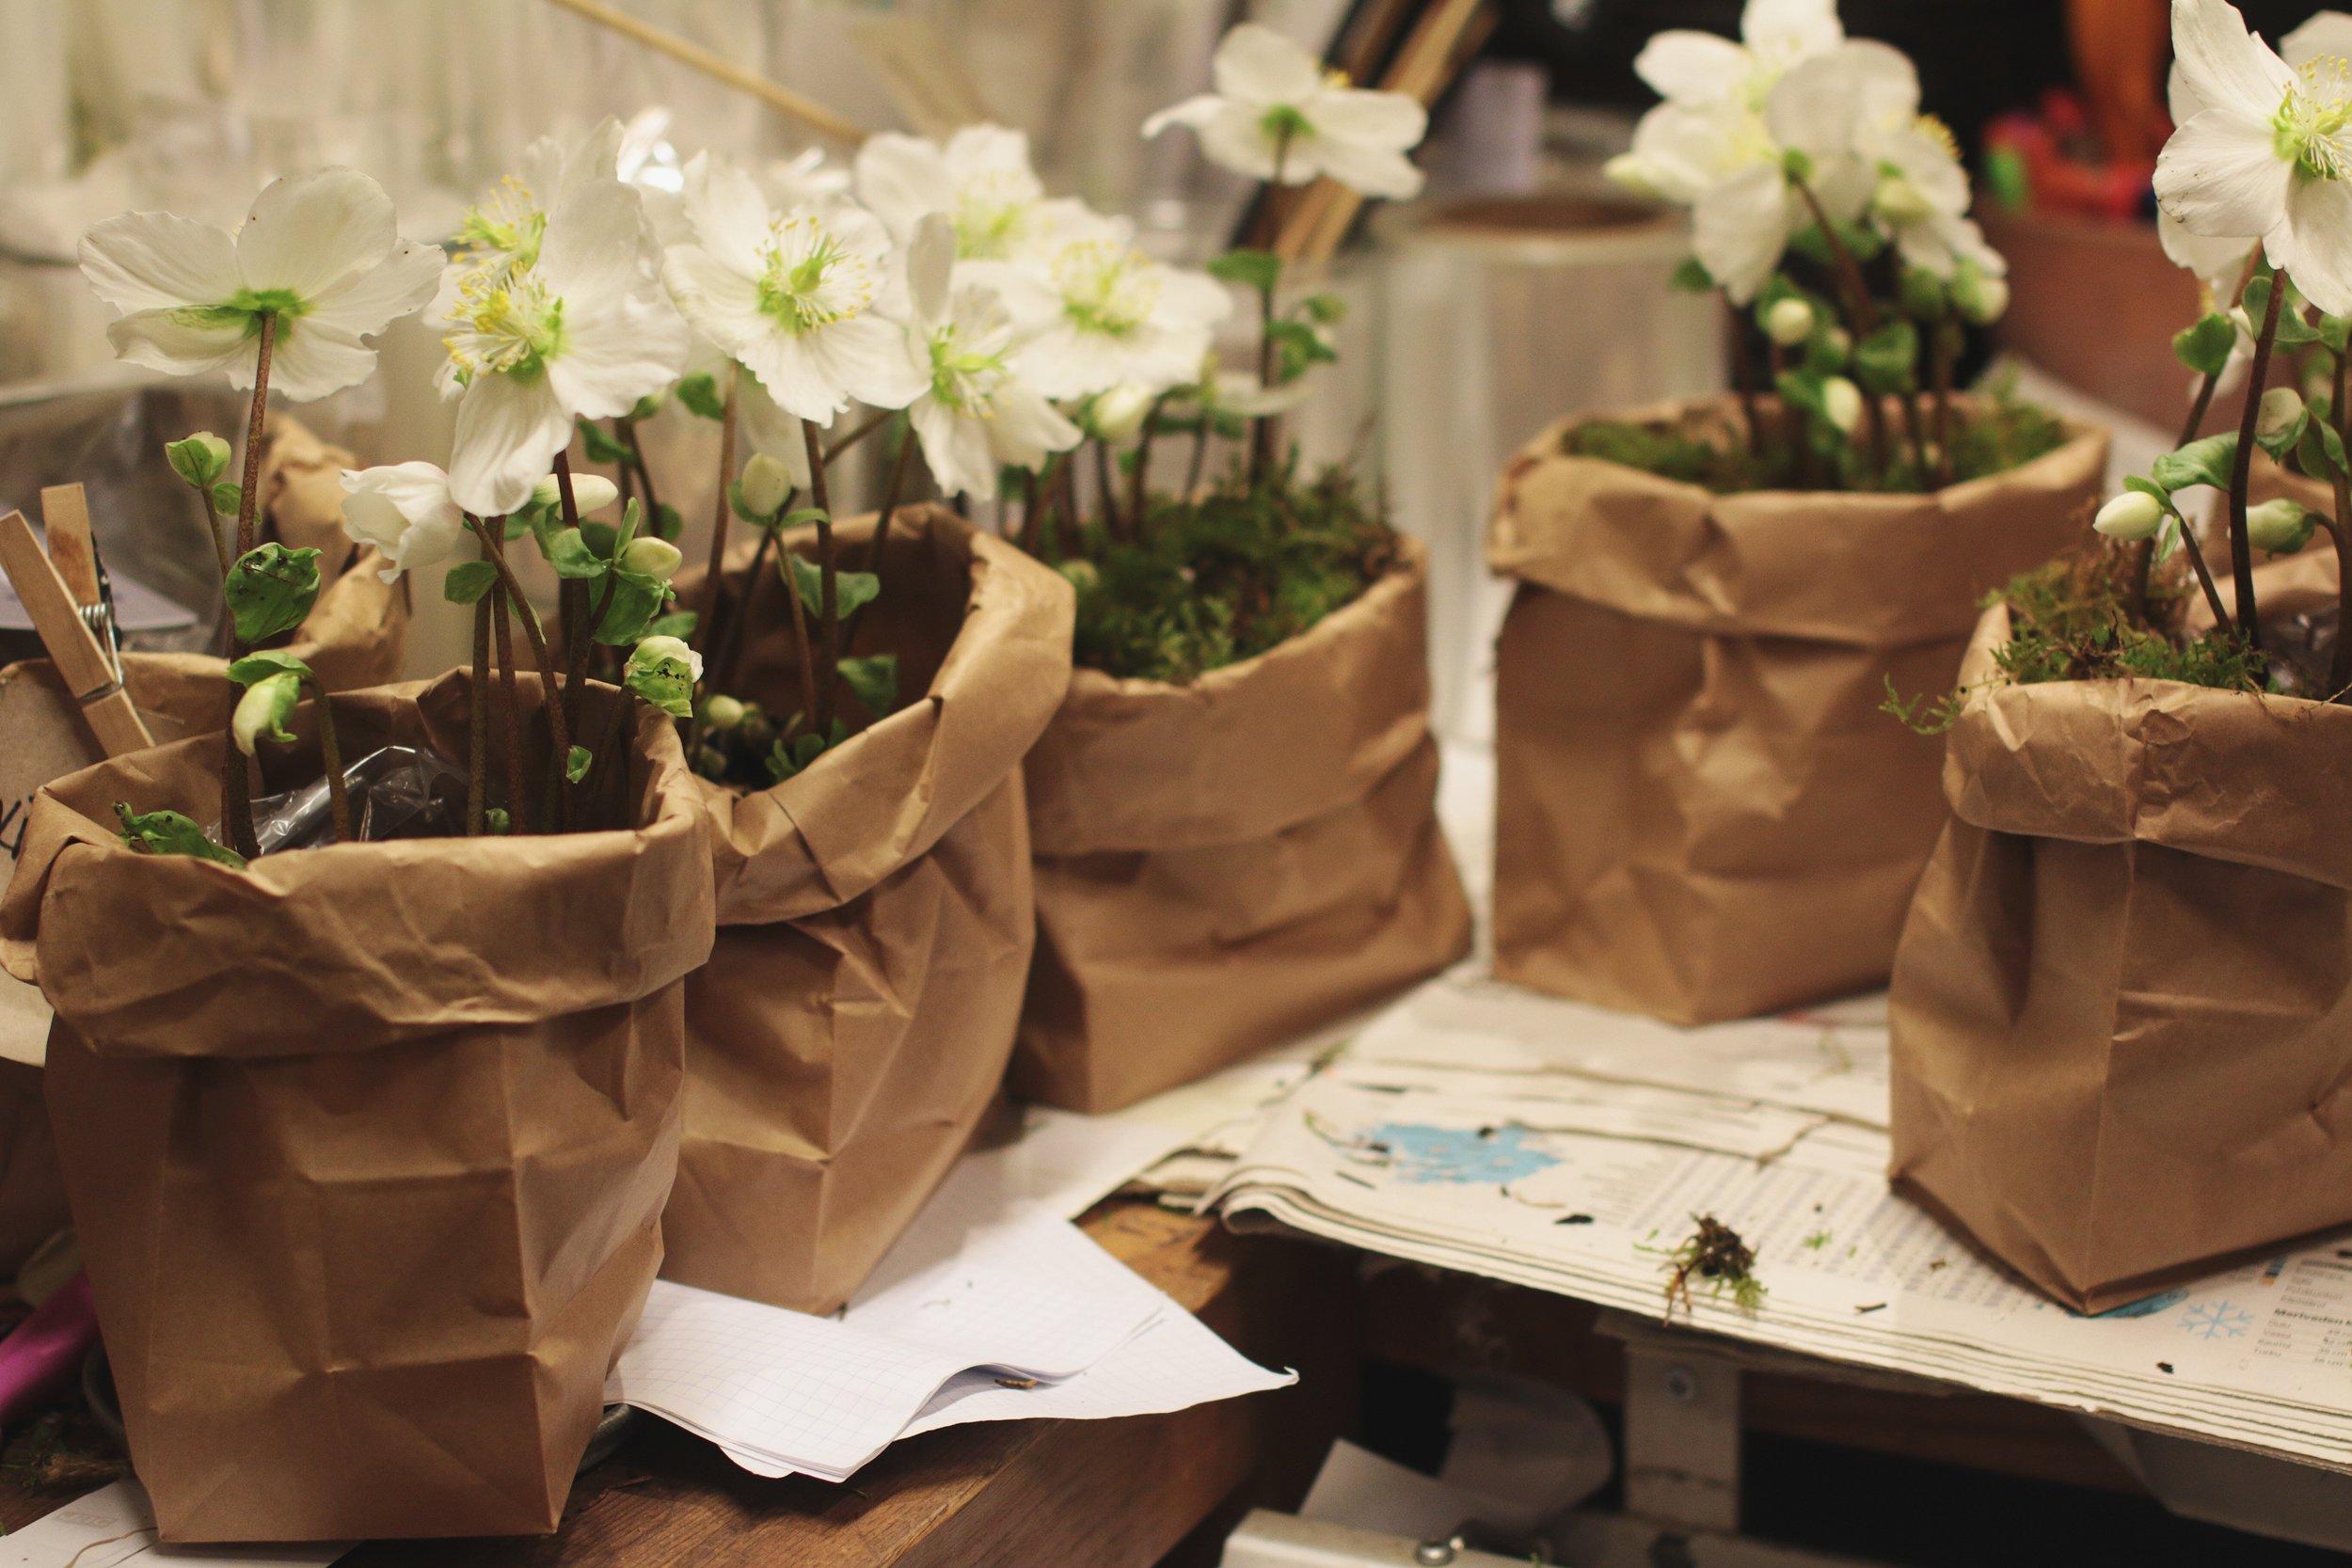 jouluruusu, helleborus, kasvit paperipussissa, plants, christmas plants